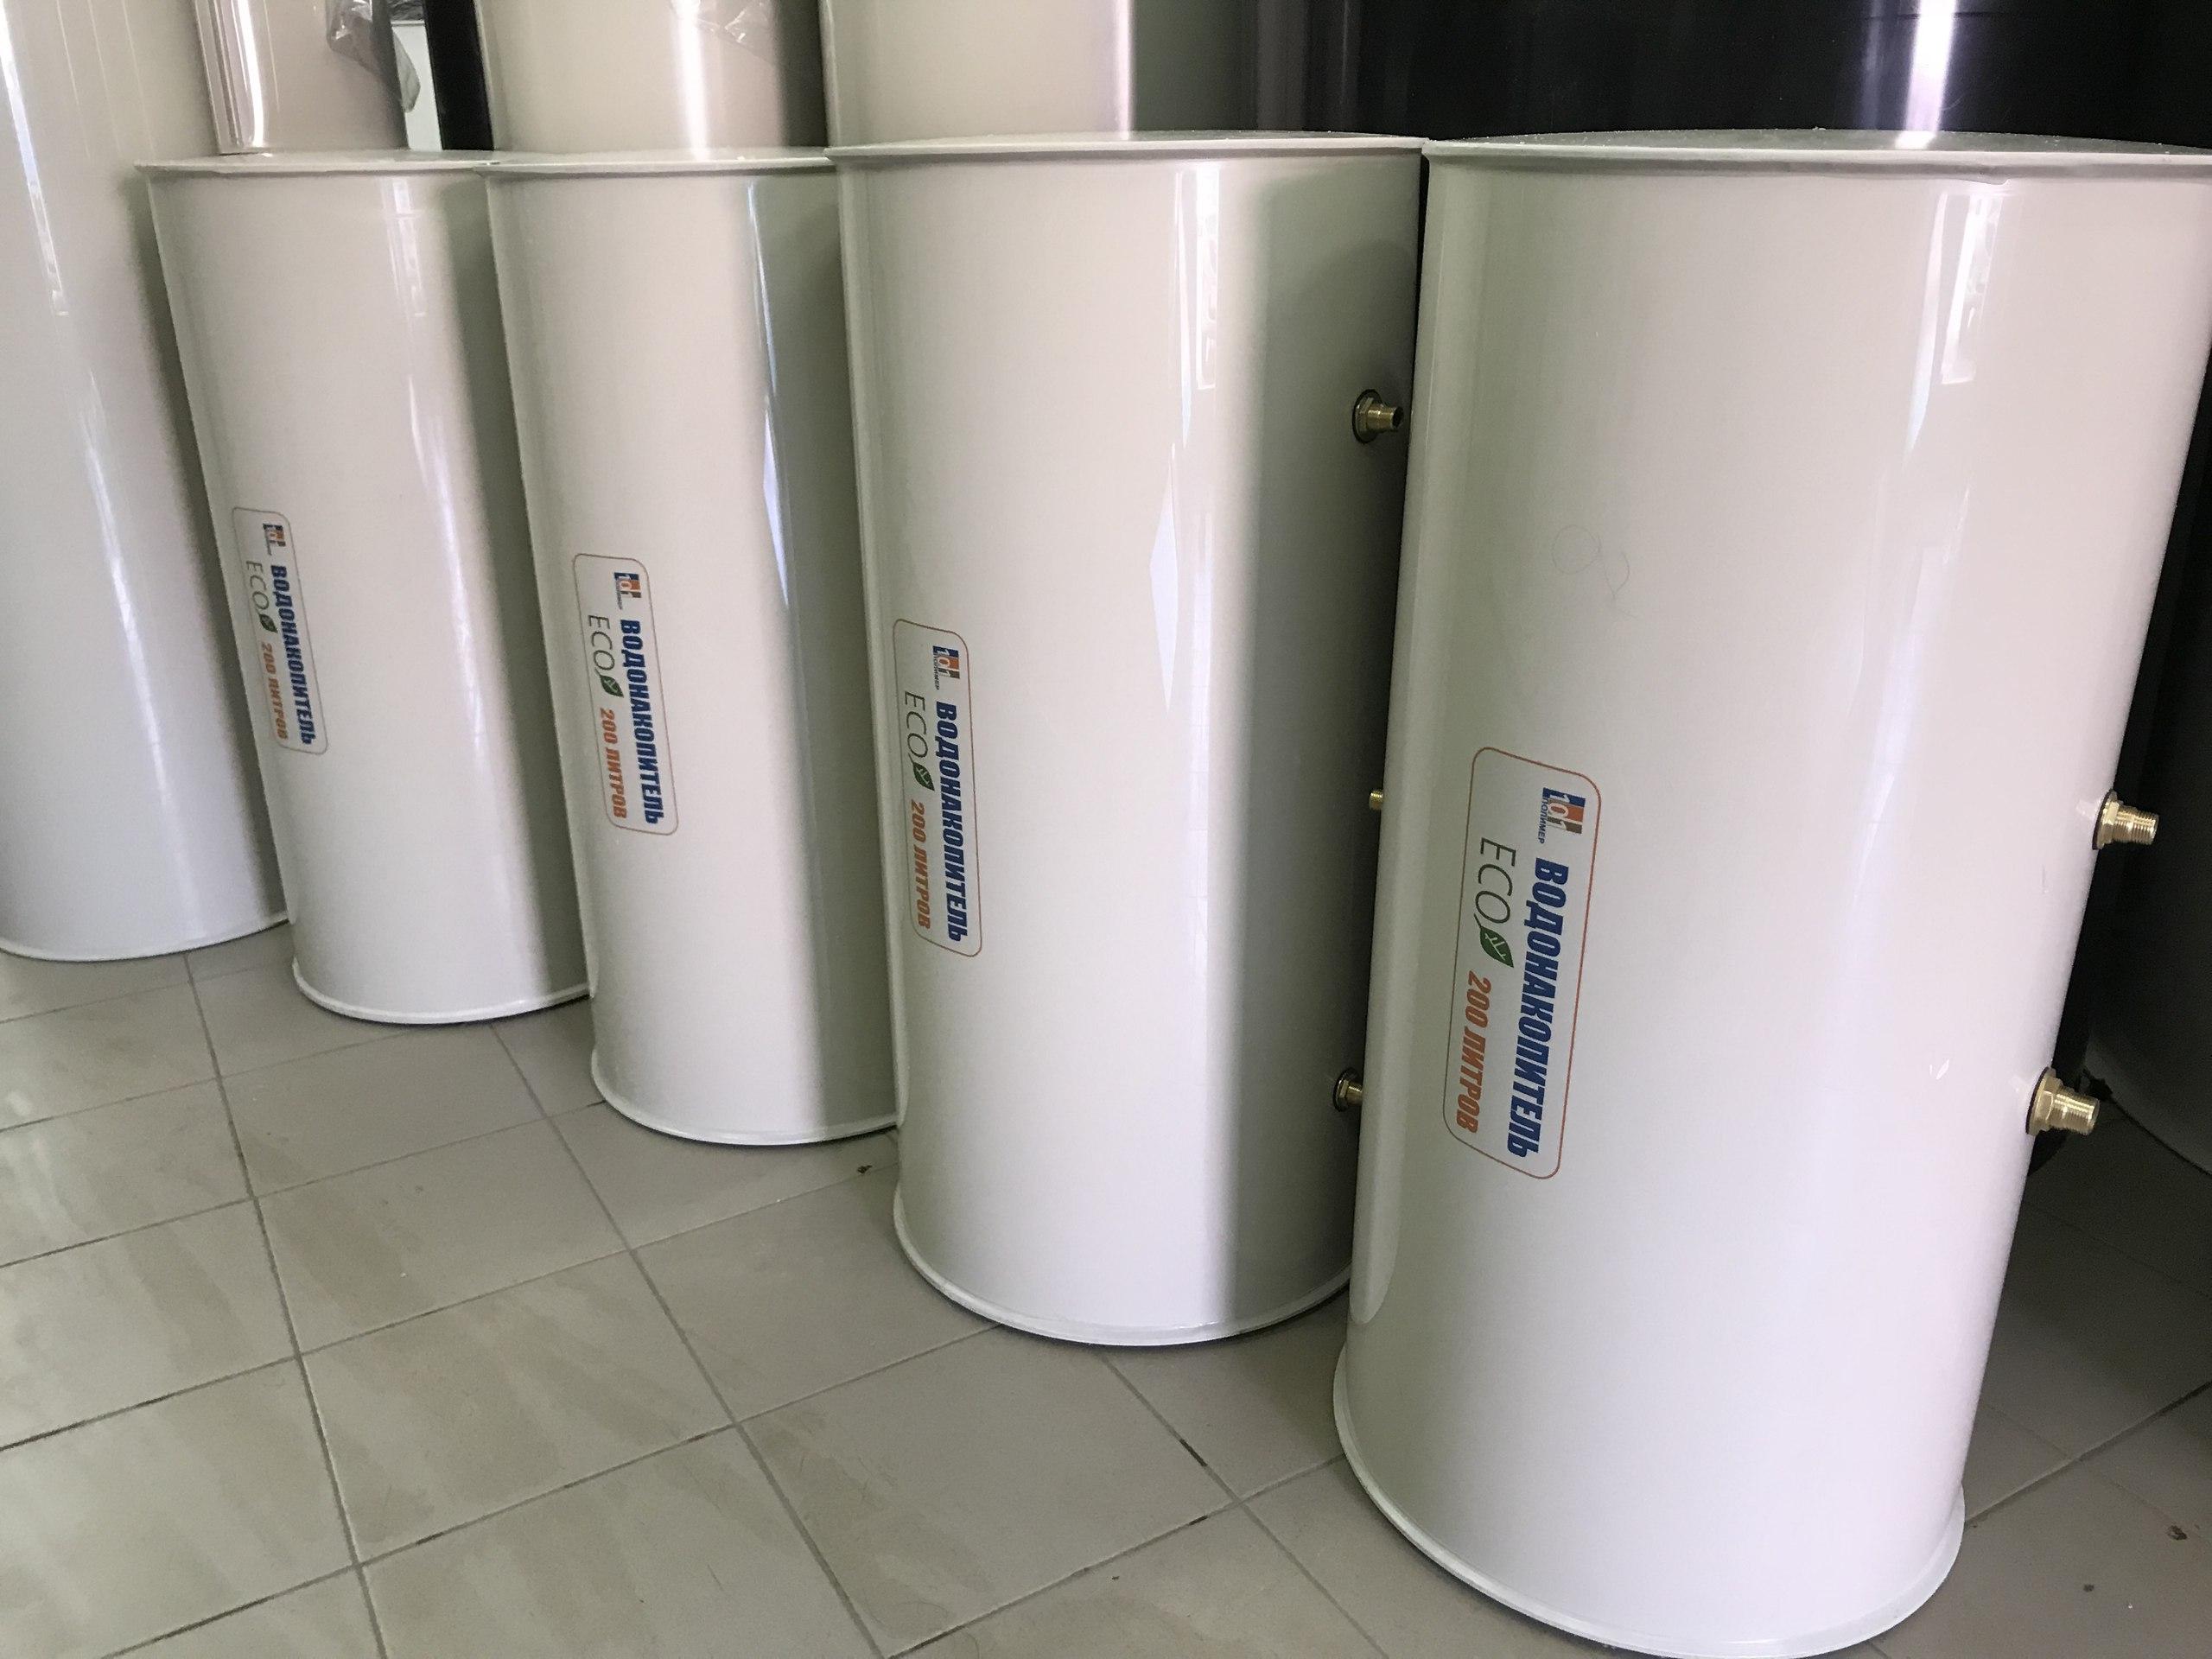 Вертикальный водонакопитель 200 литровСъемная крышка.Материал-полипропиленУстановка входов,выходов по вашему проекту.Размер: высота 100 см, диаметр 50 см.Всегда в наличии.Цена 3500 р.